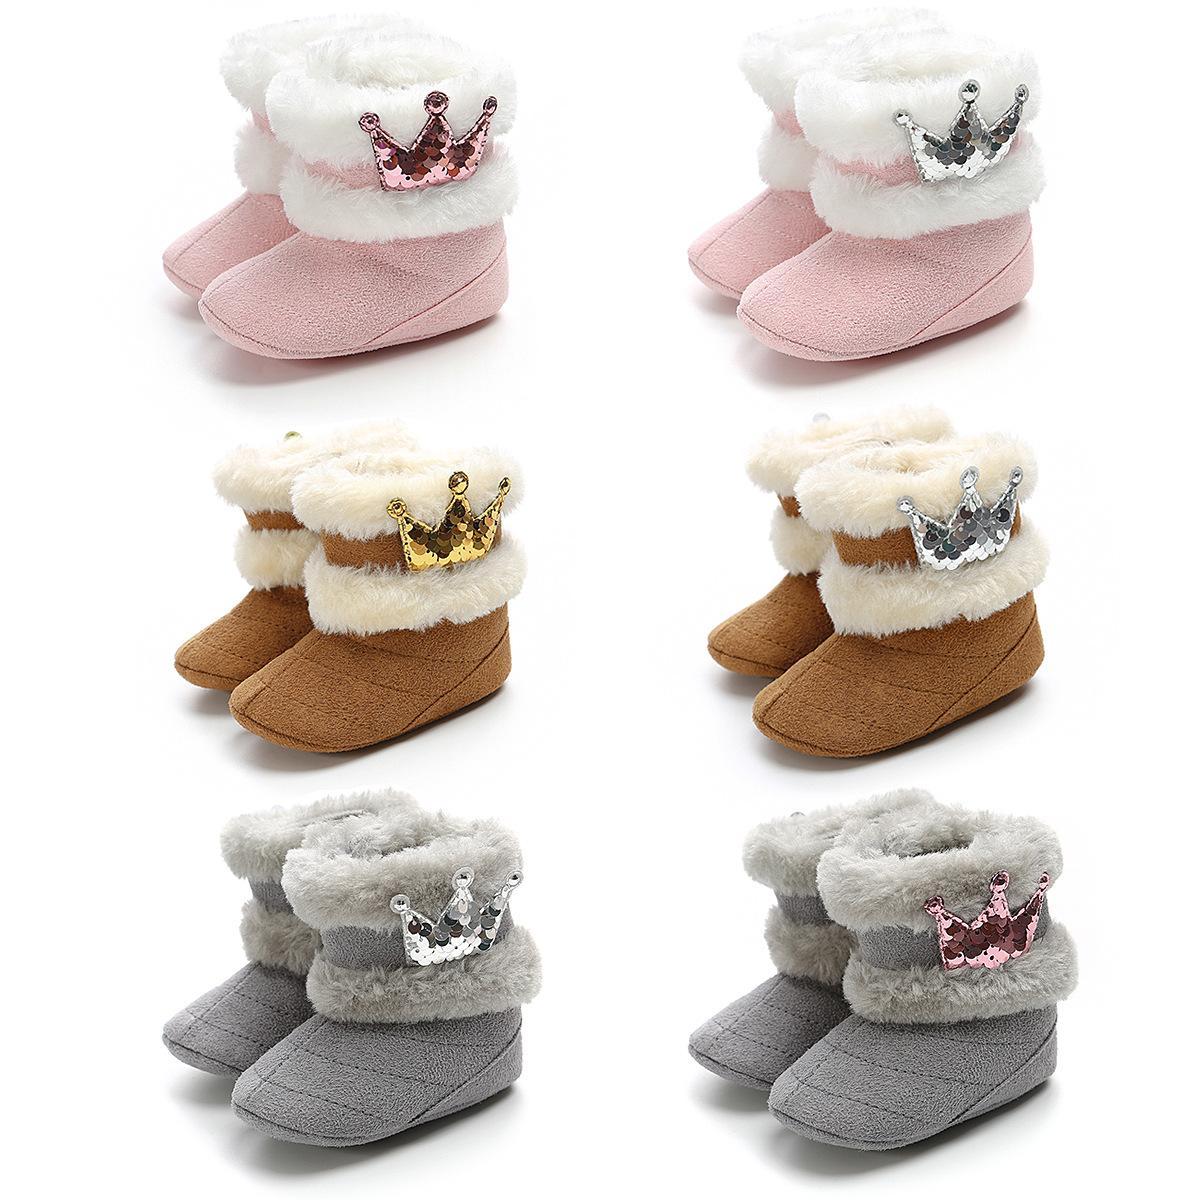 Moda Yenidoğan Bebek Kız Kış Casual Boots Taç Kürk Orta Buzağı Uzun Kaygan Kürklü Bebek Ayakkabı ısıtın 0-18M